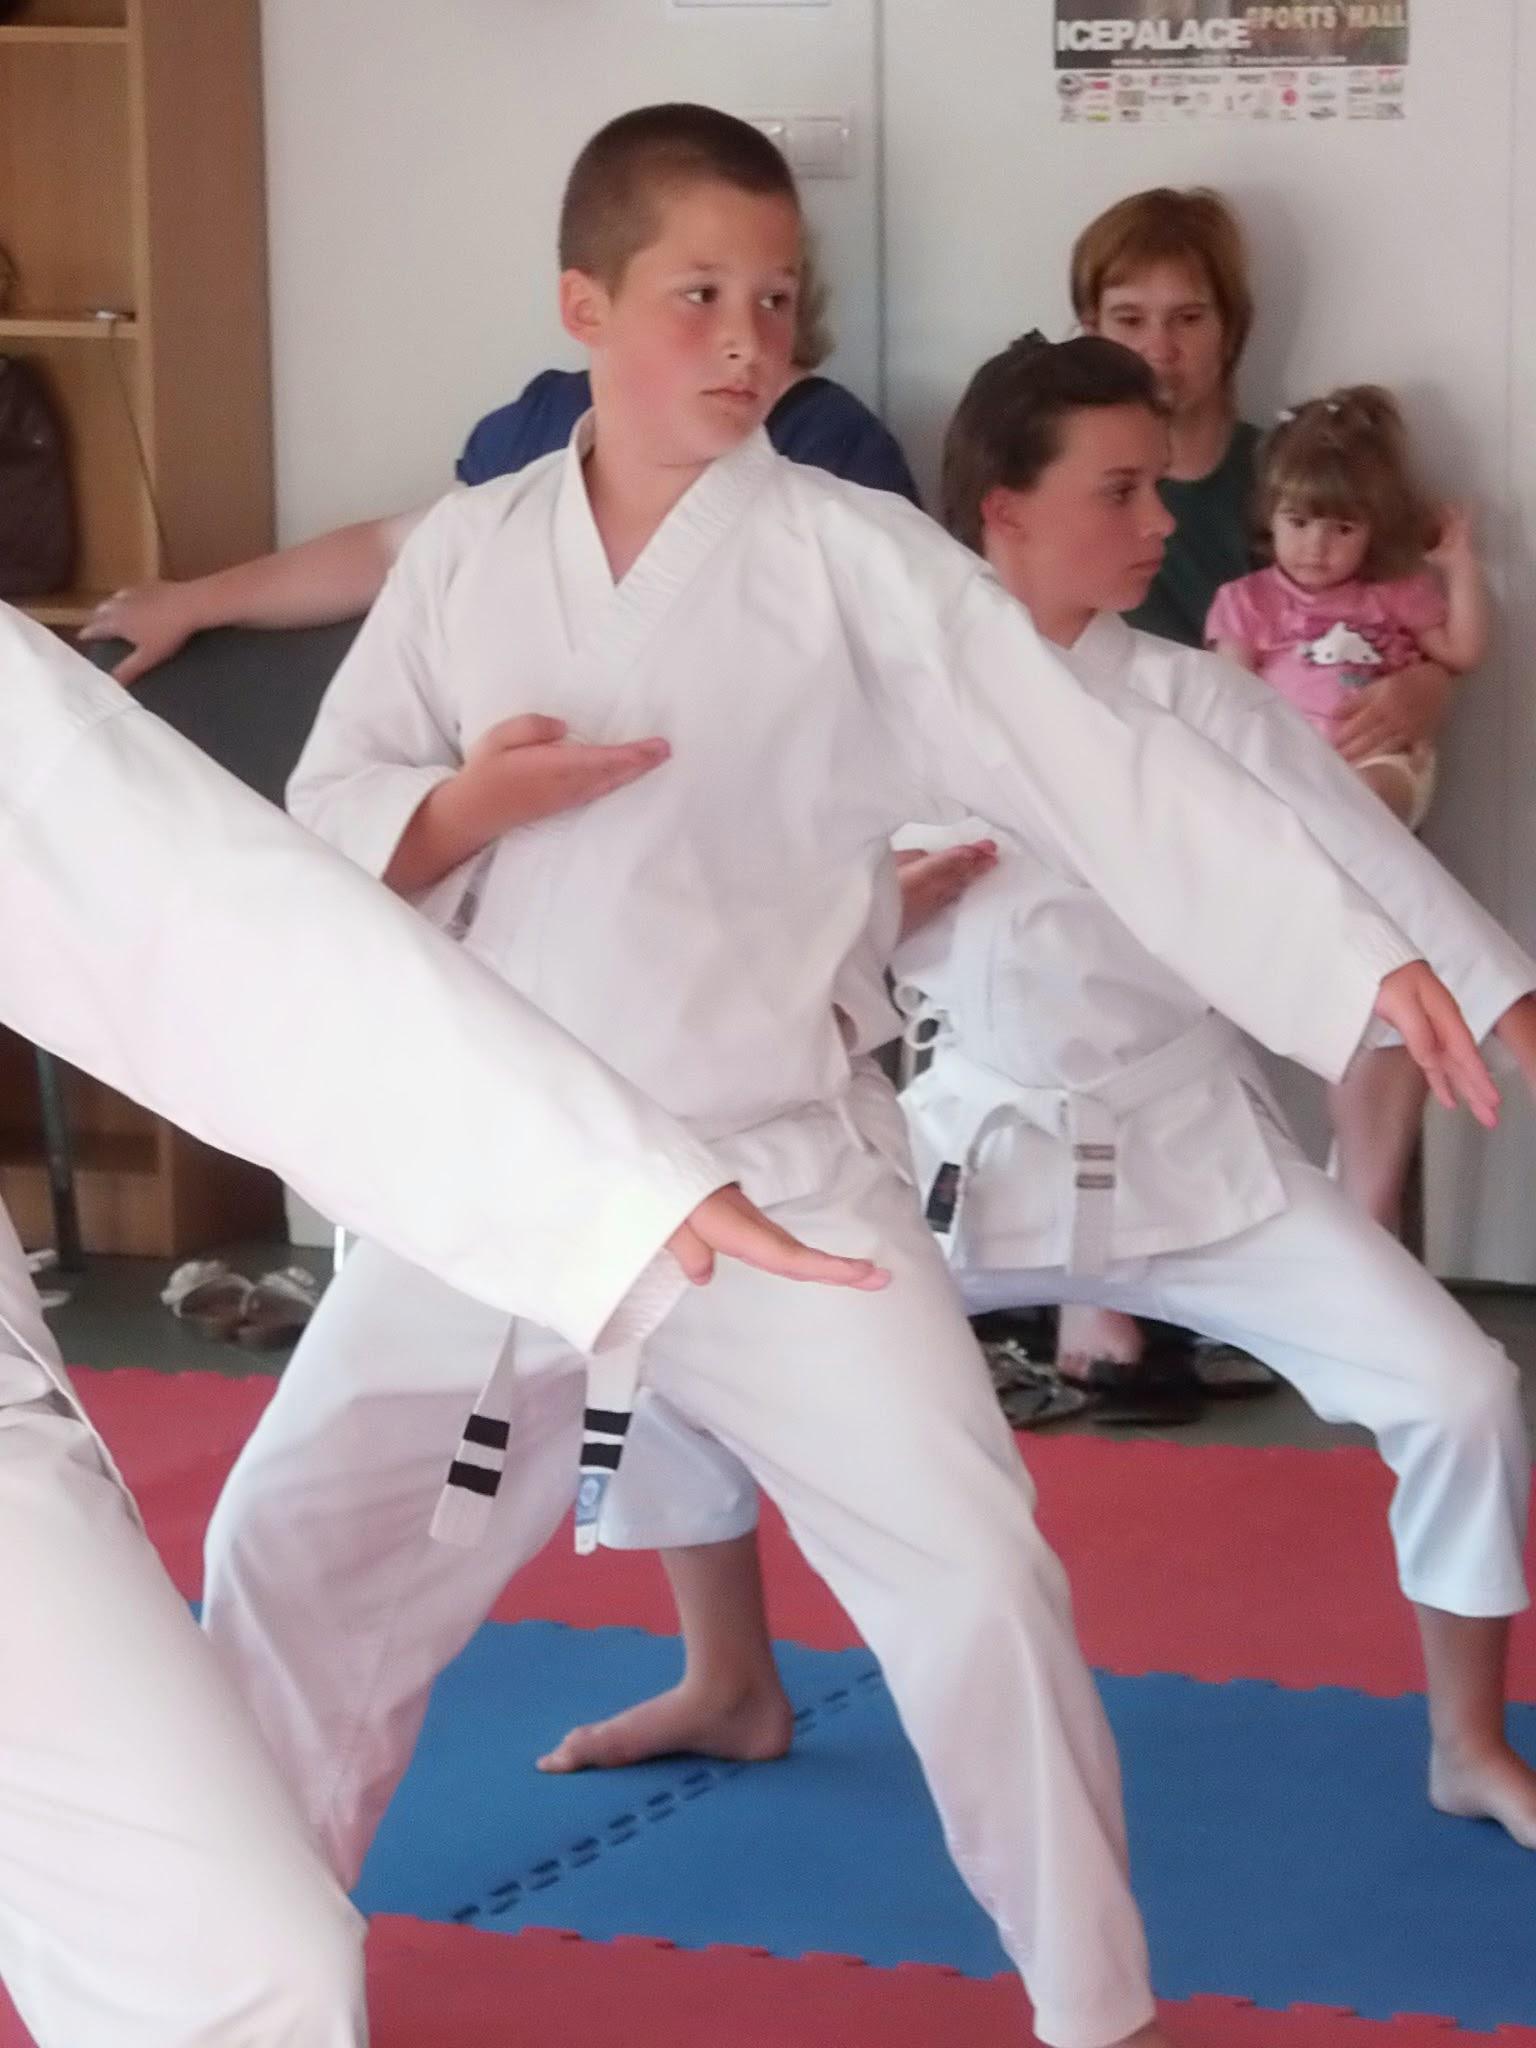 A kismarosi karatecsoport övvizsgája 2014. június 13-án a sárga öv megszerzéséért. - Fotó: Lucza Gergely